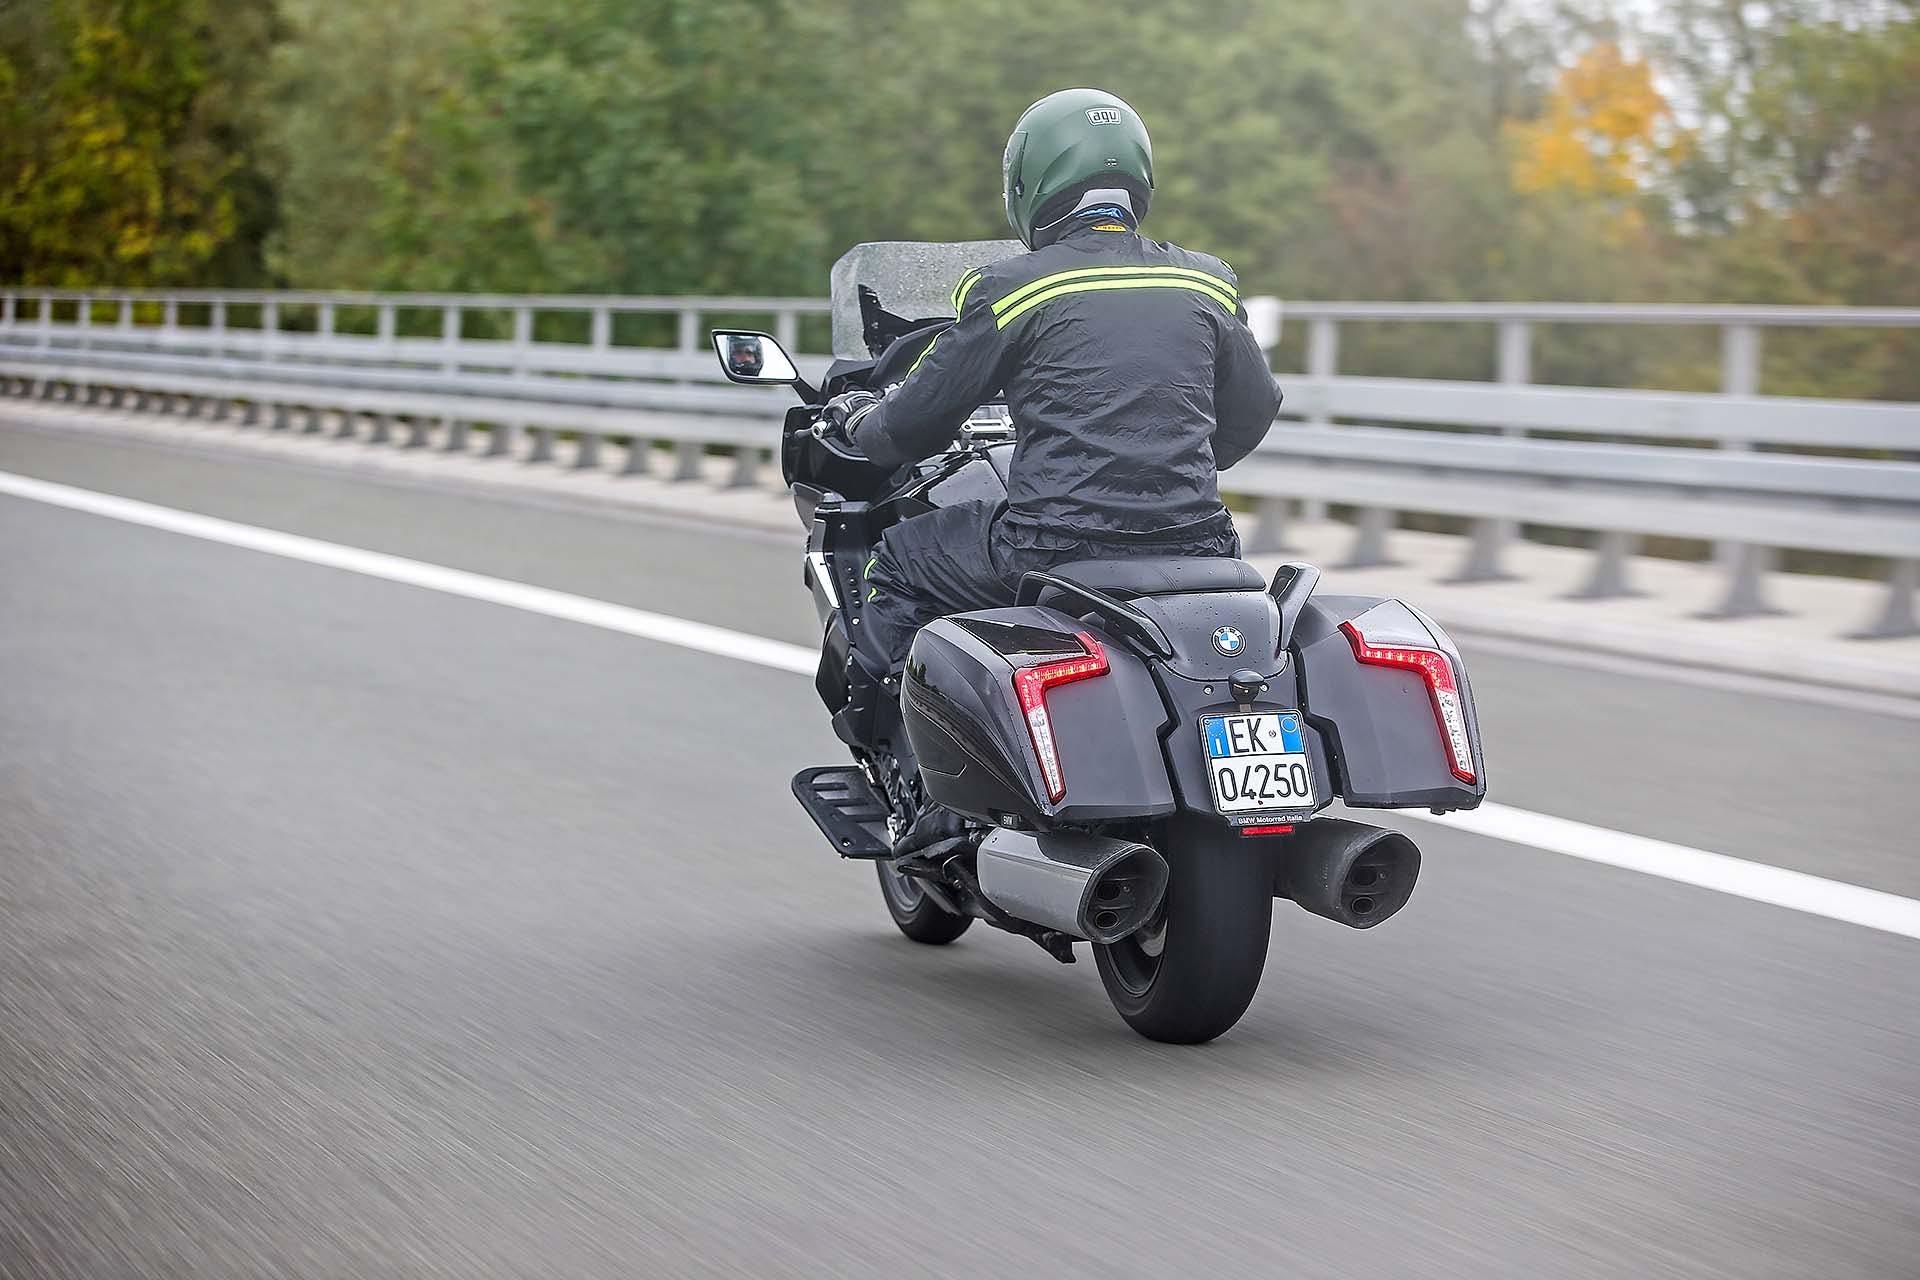 BMW K 1600 B autobahn